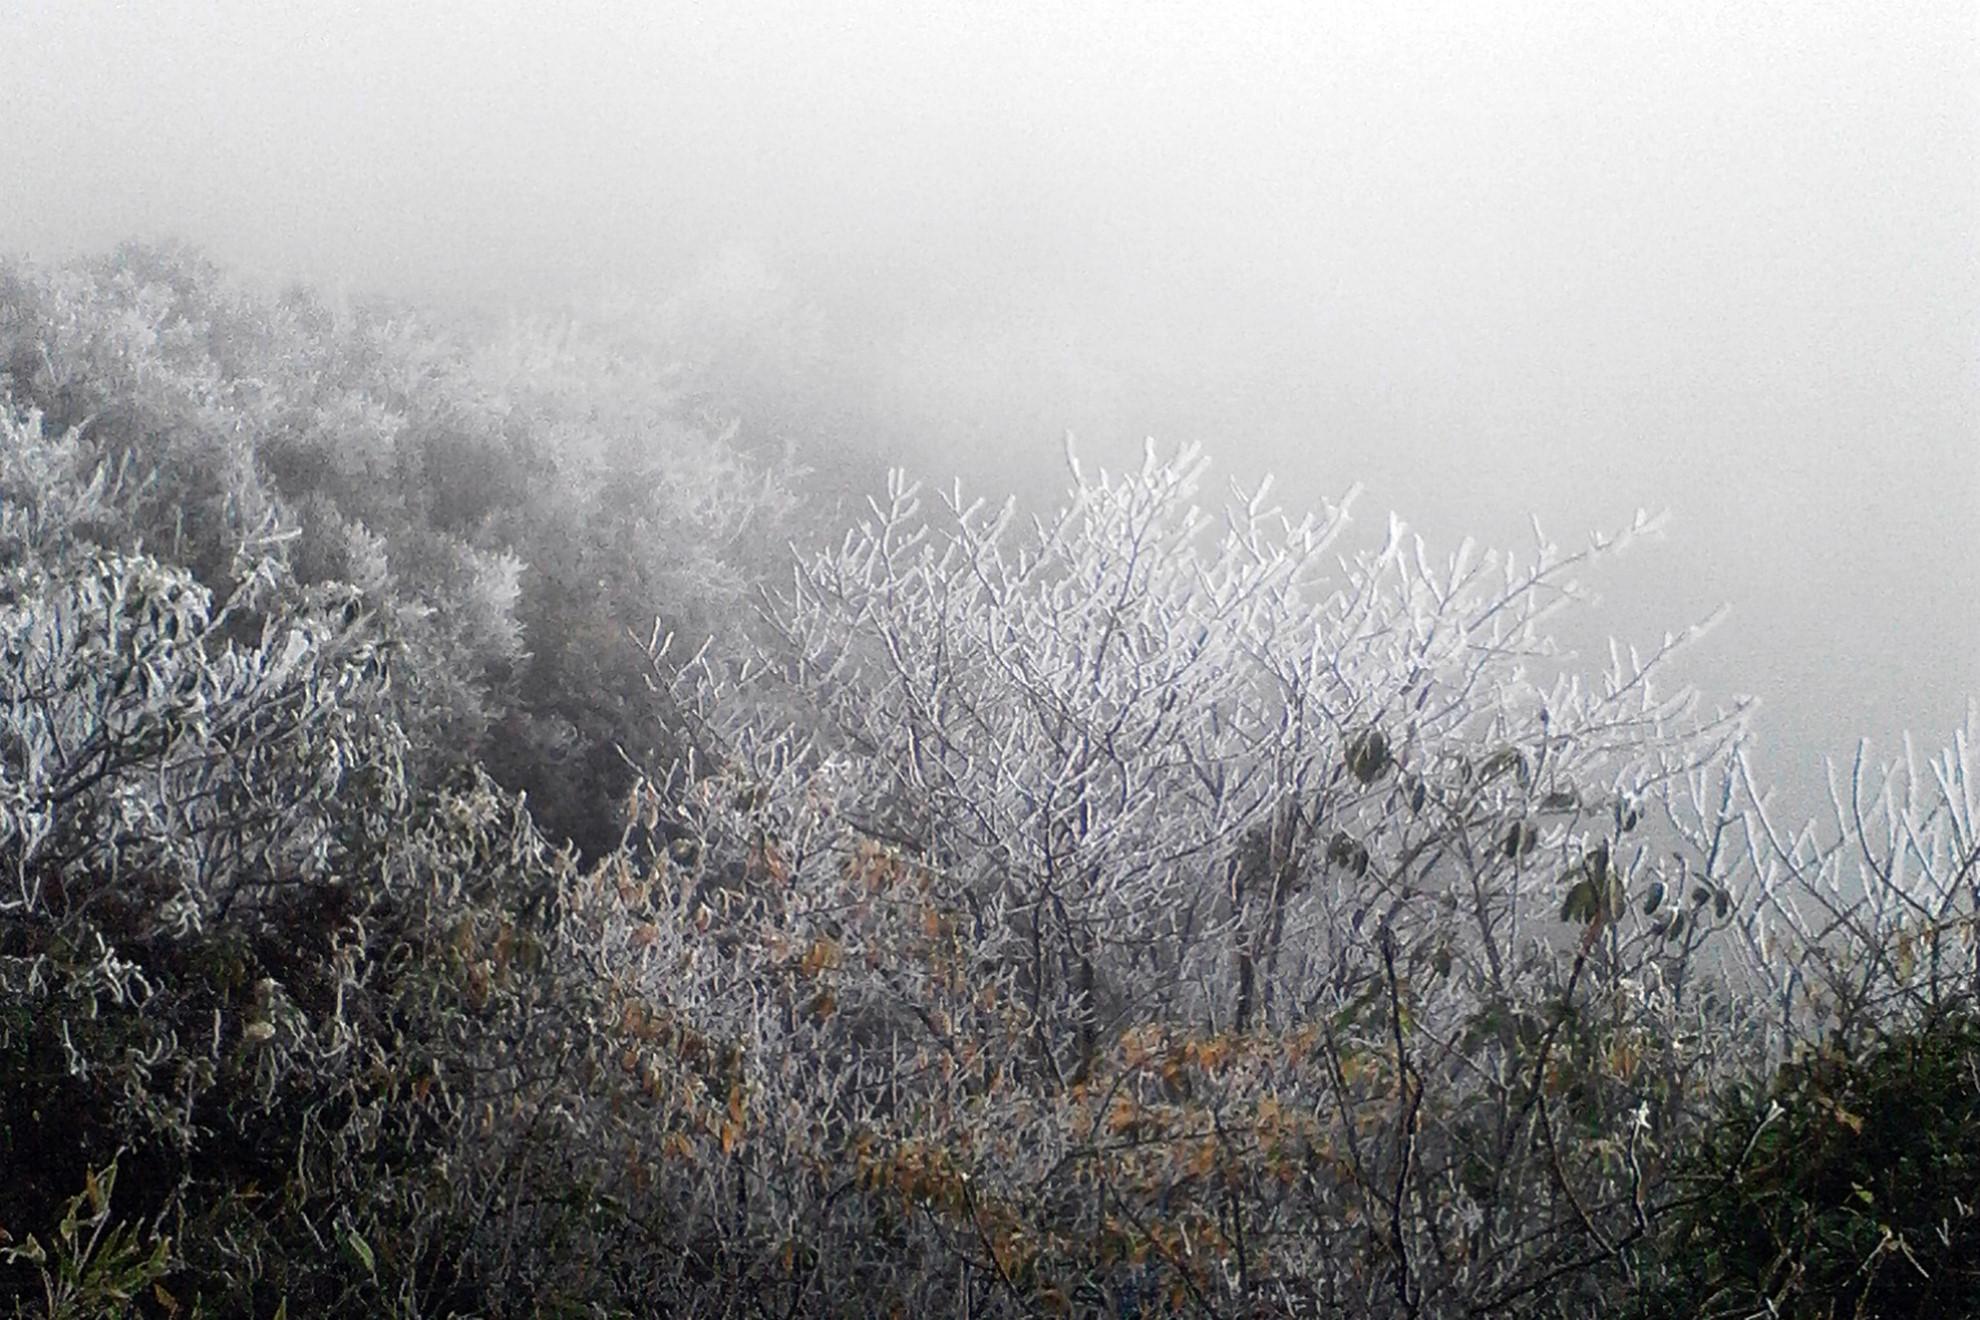 Không khí lạnh tăng cường, miền Bắc rét đậm tới gần Noel